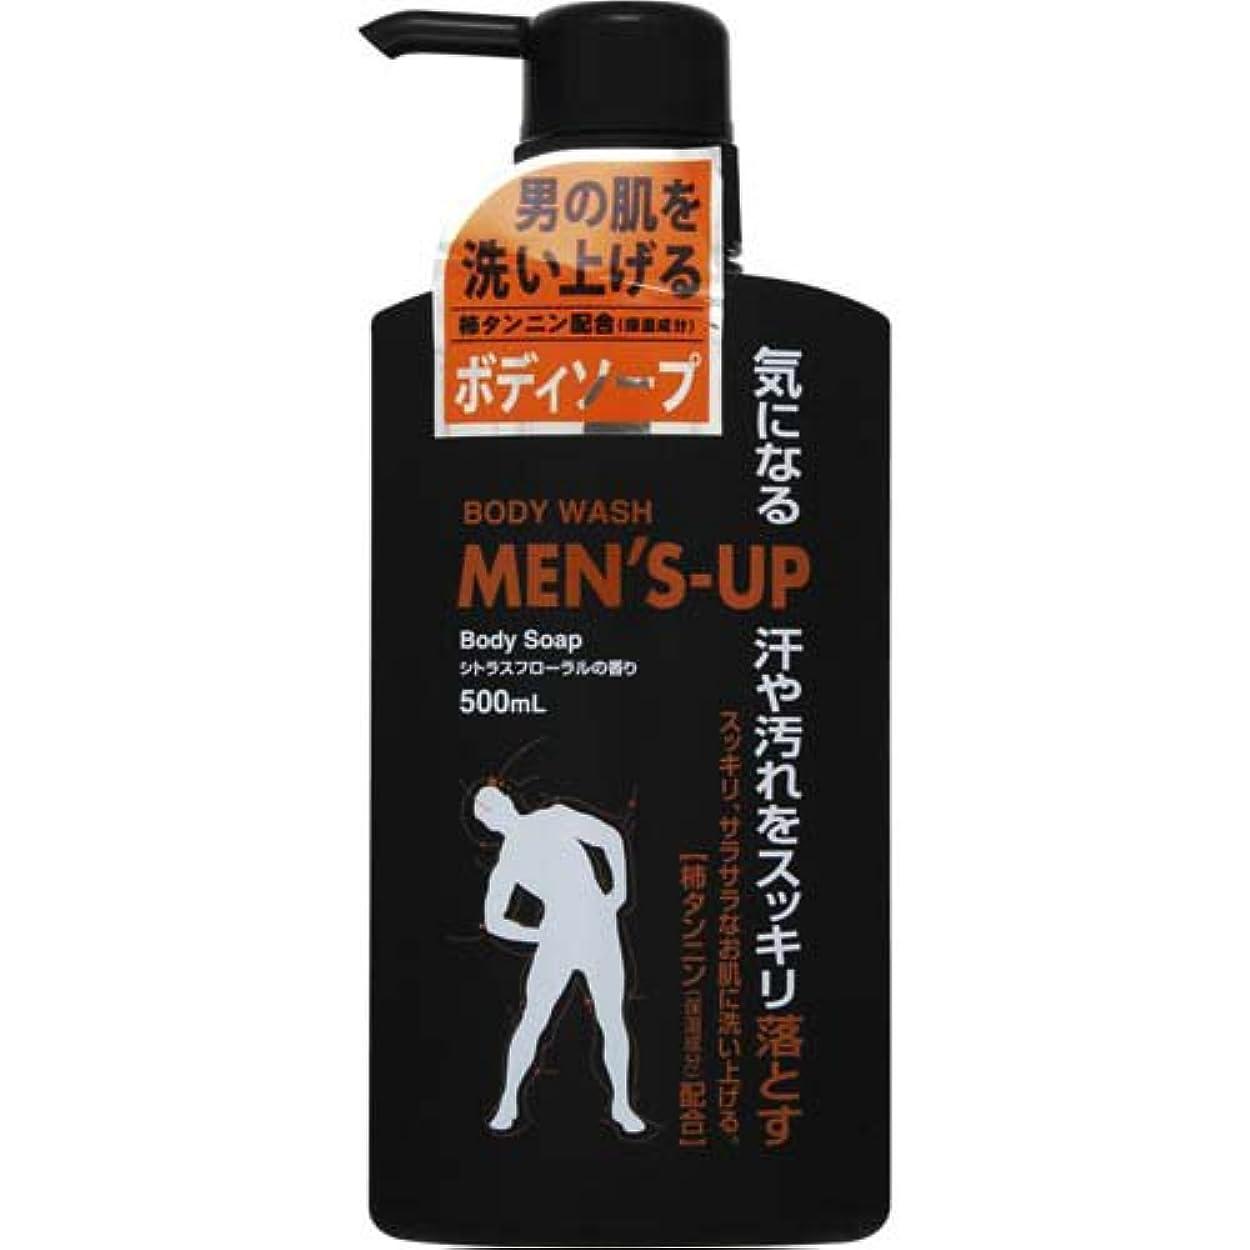 ショート奨学金感謝祭MEN'S-UP(メンズアップ) ボディーソープ 本体 500ml